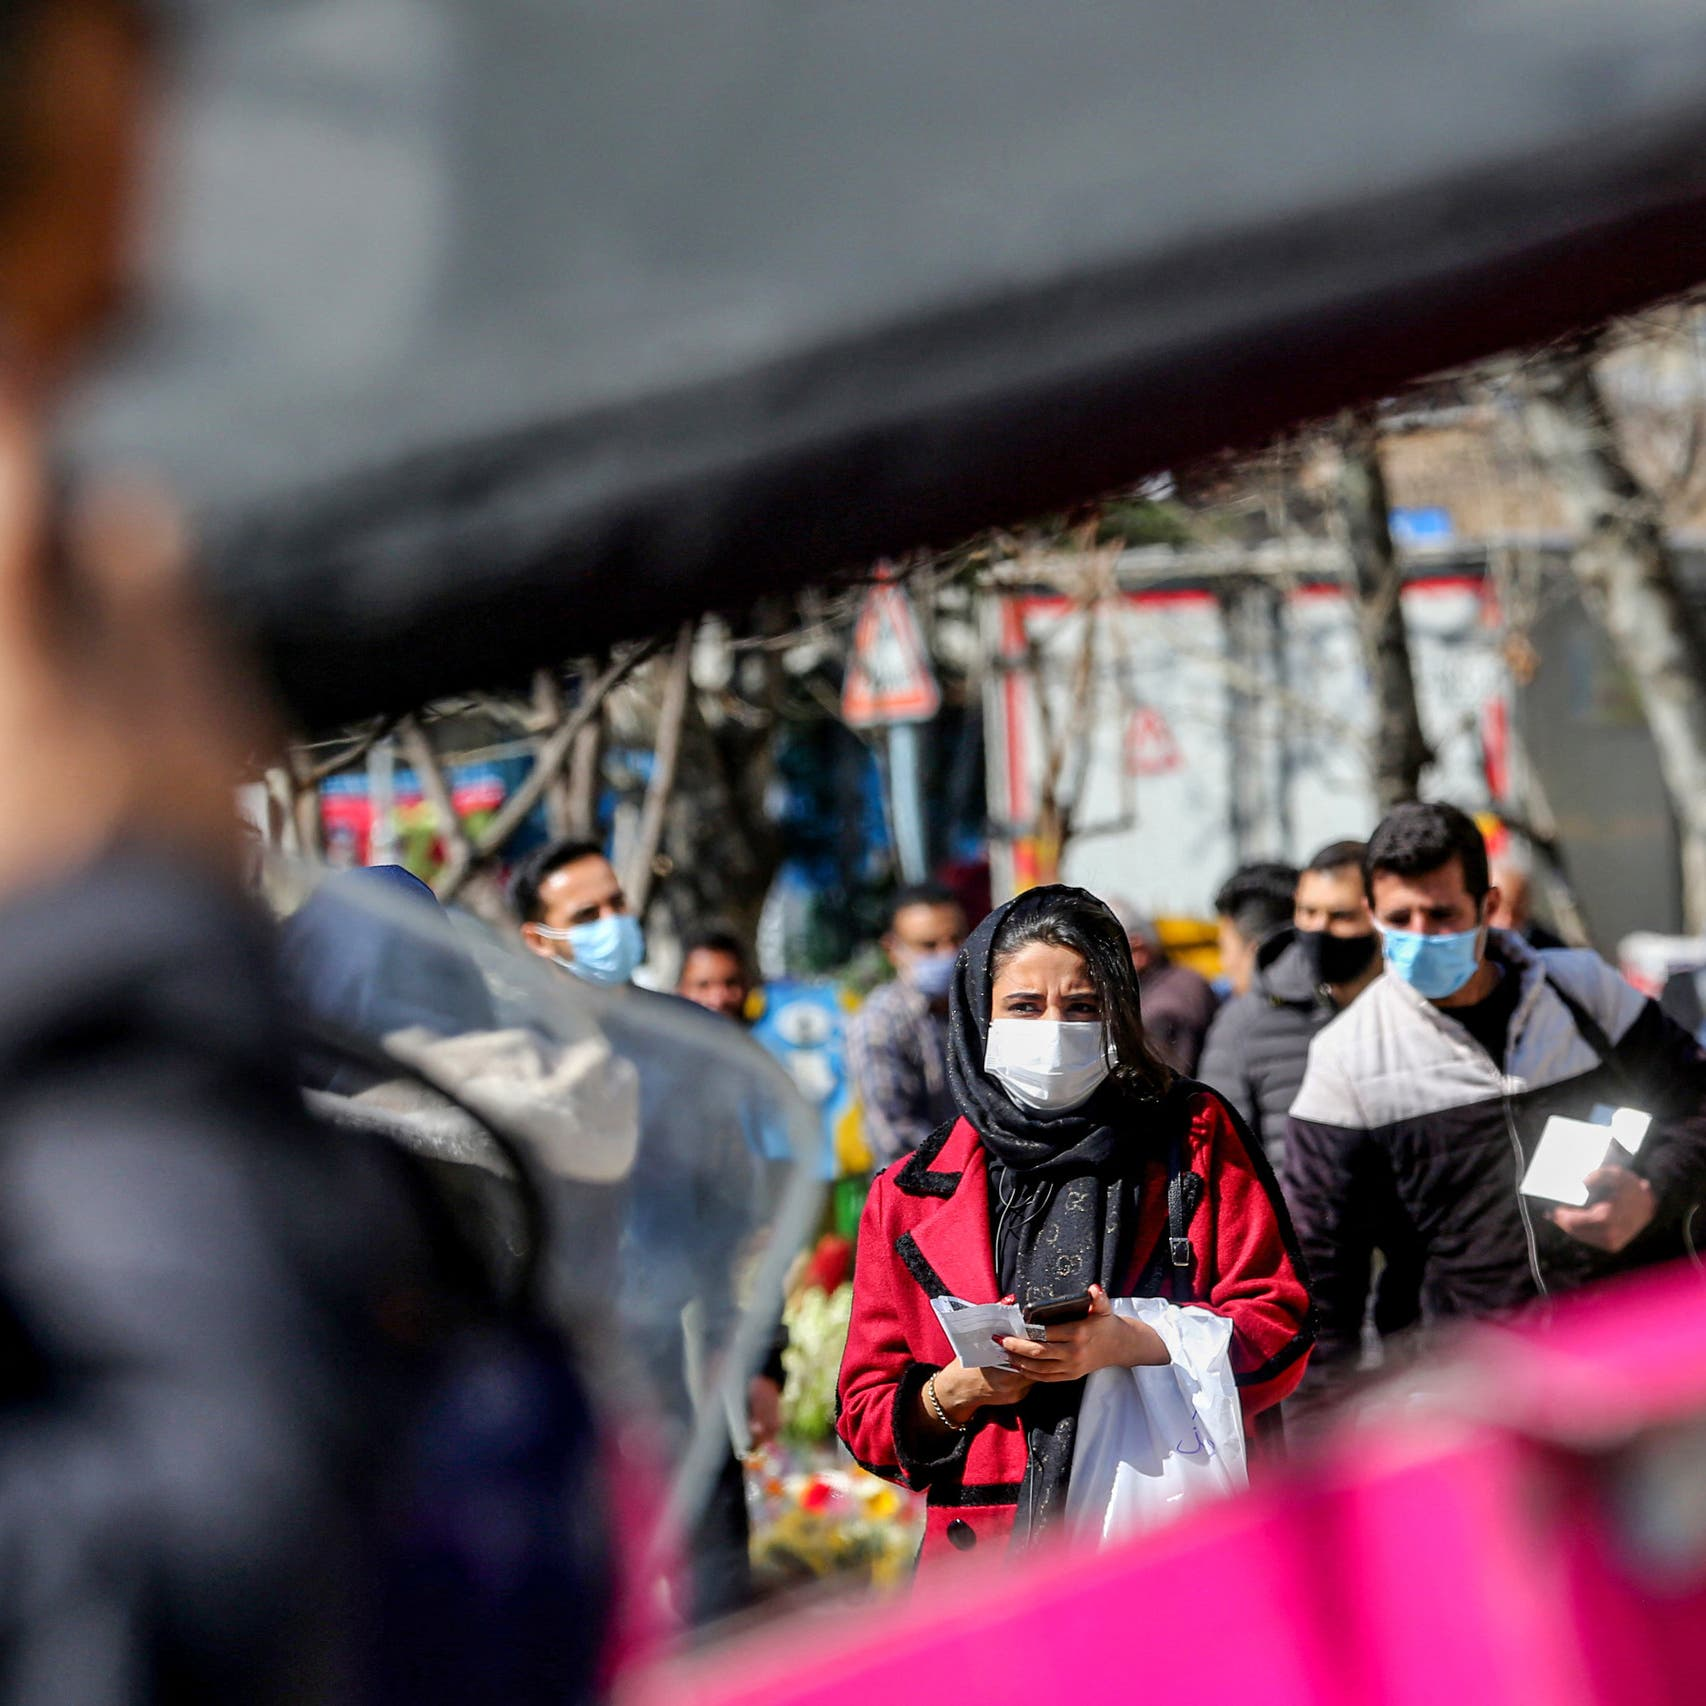 استطلاع يكشف.. 75% من الشعب الإيراني يريد تغيير النظام